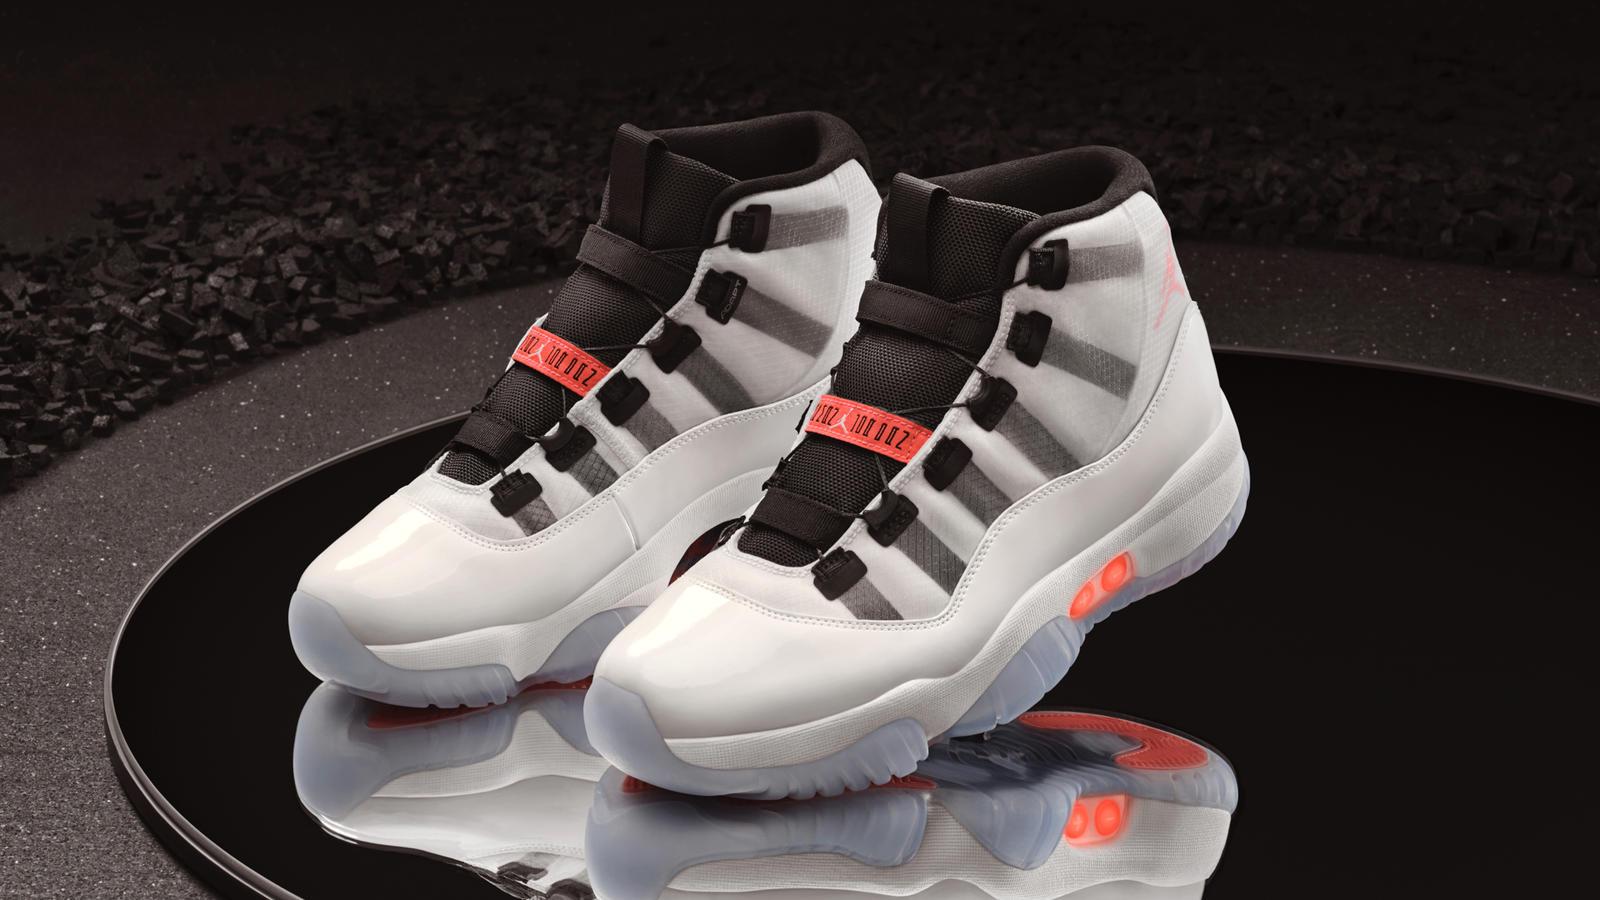 Jordan Brand Air Jordan XI Jubilee and